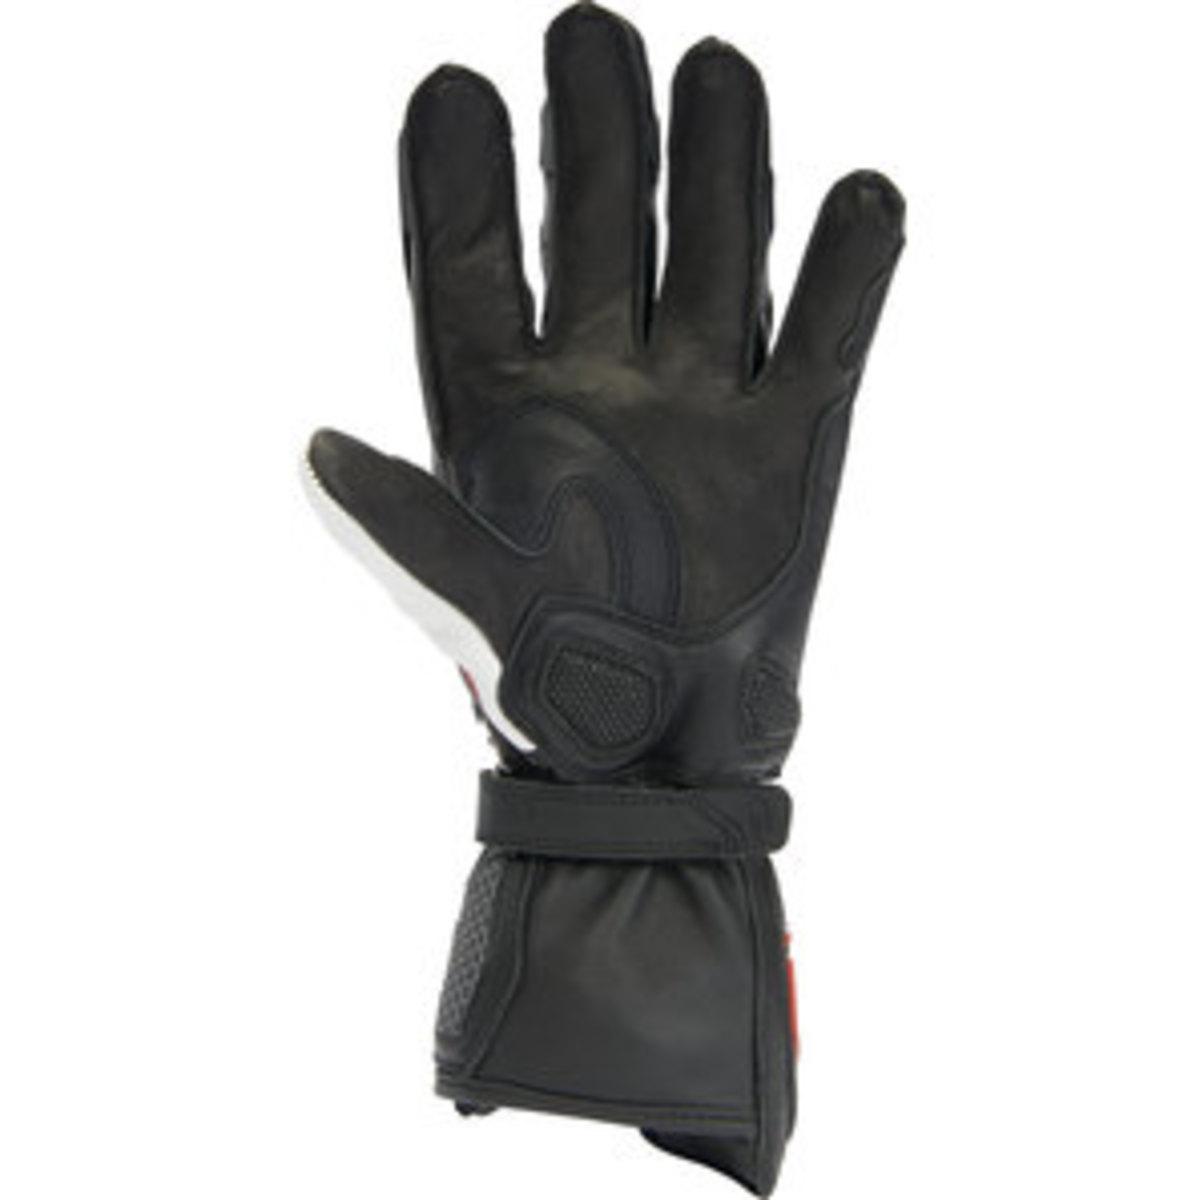 Bild 2 von Held 2729 Sport Handschuhe